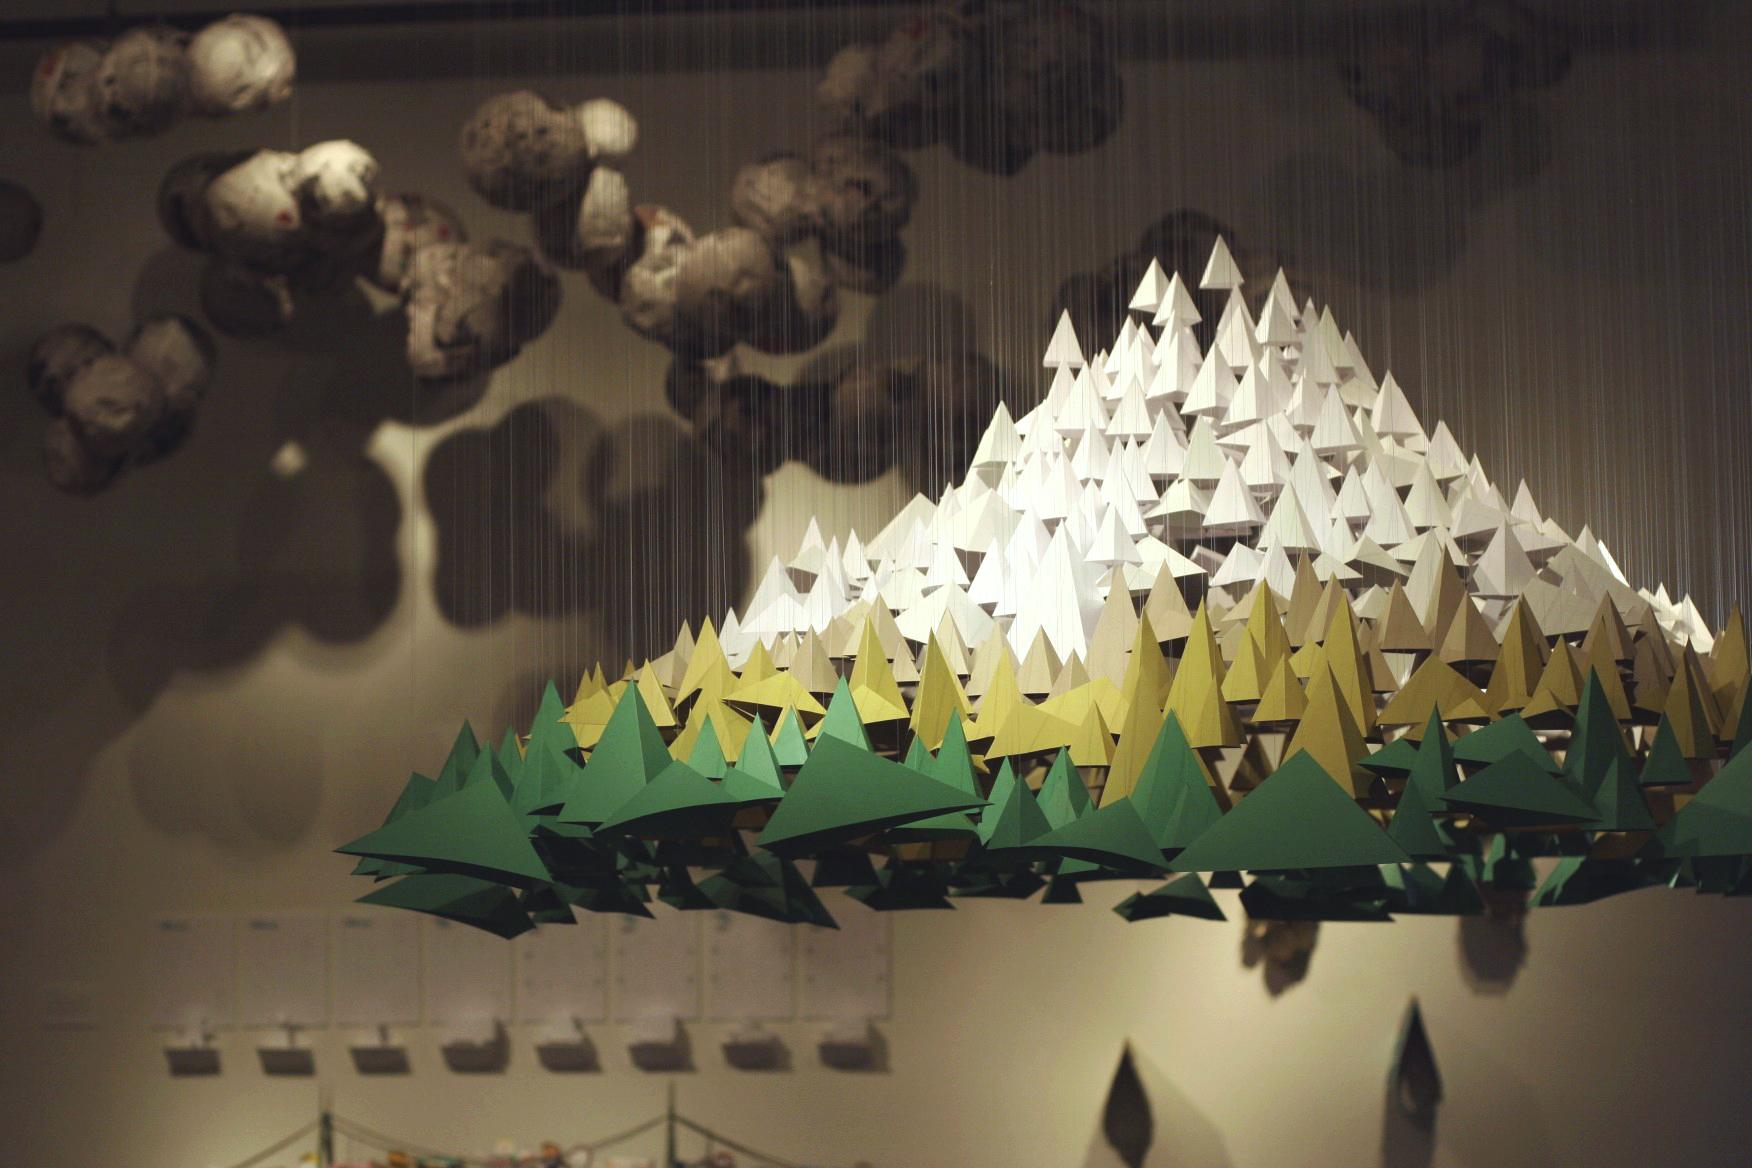 Marisa-Green-Art-Mt-Hood-Installation-6.jpg